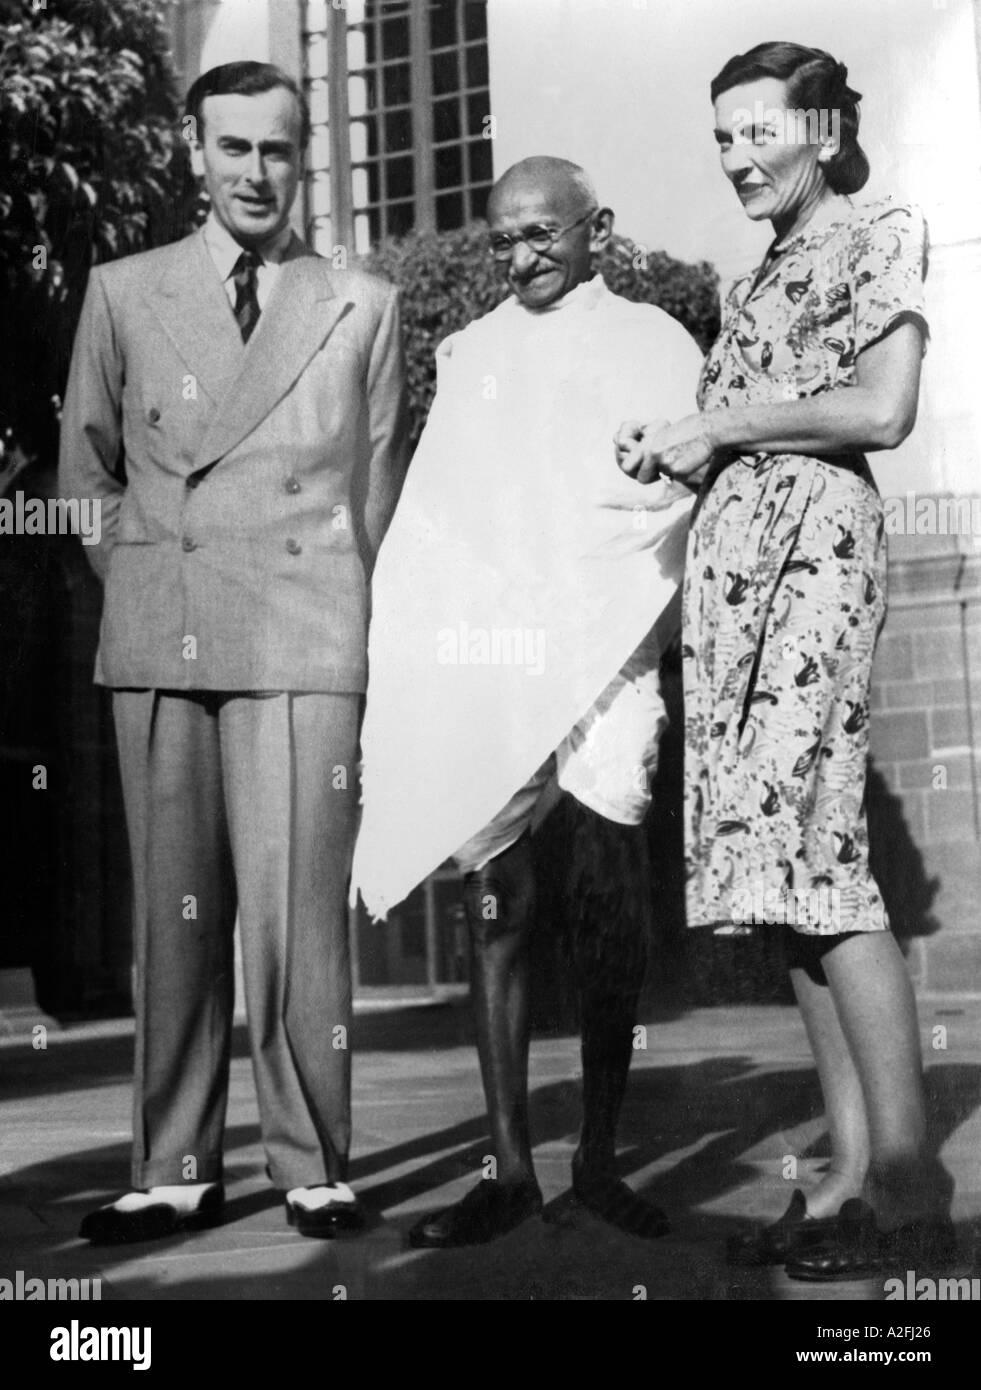 Il Mahatma Gandhi nel suo primo incontro con il Viceré britannico Lord Mountbatten e sua moglie New Delhi India 31 marzo 1947 Immagini Stock